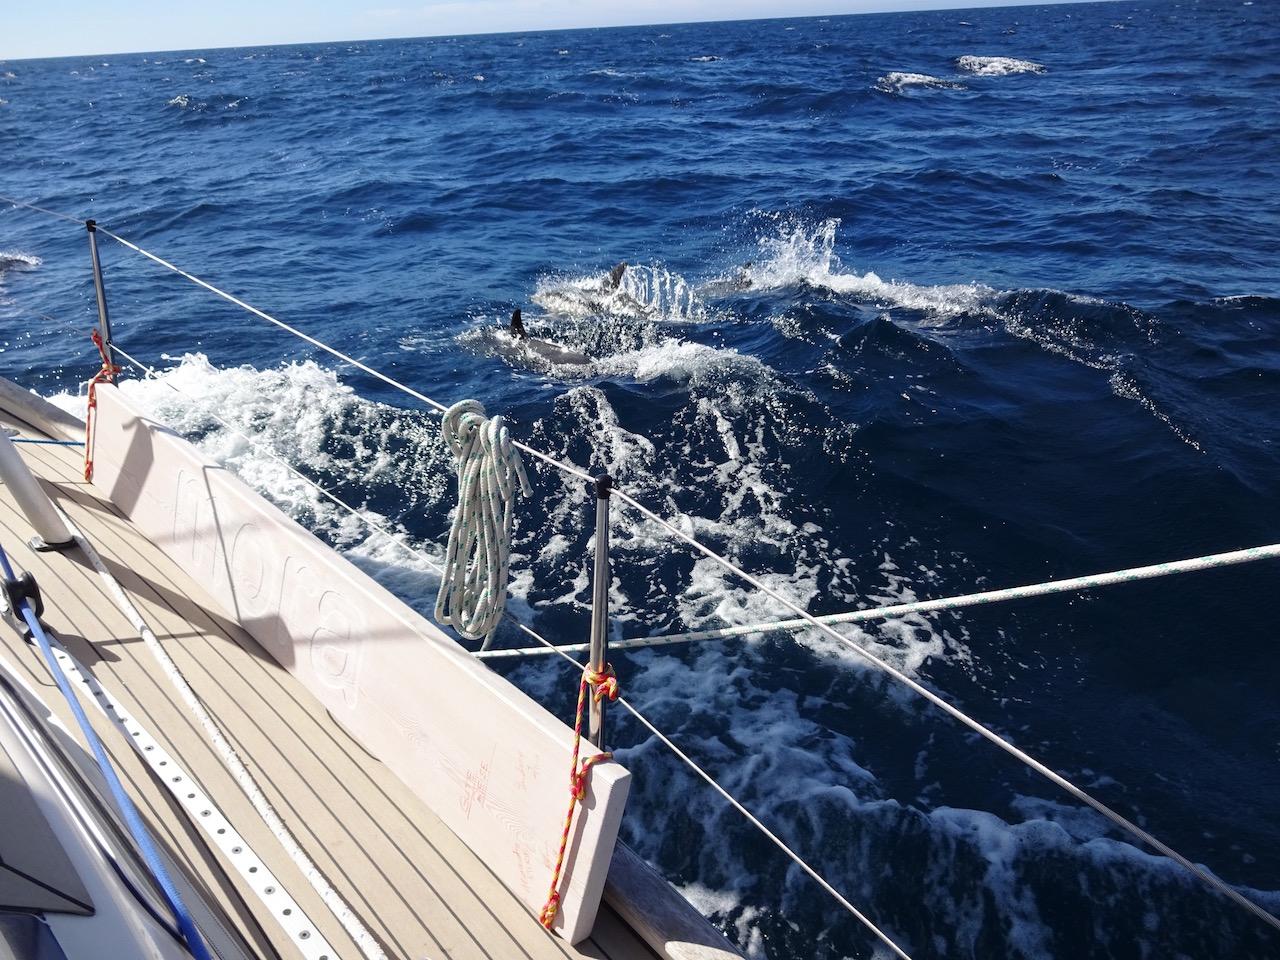 immer wieder gern gesehen - Besuch von Delfinen